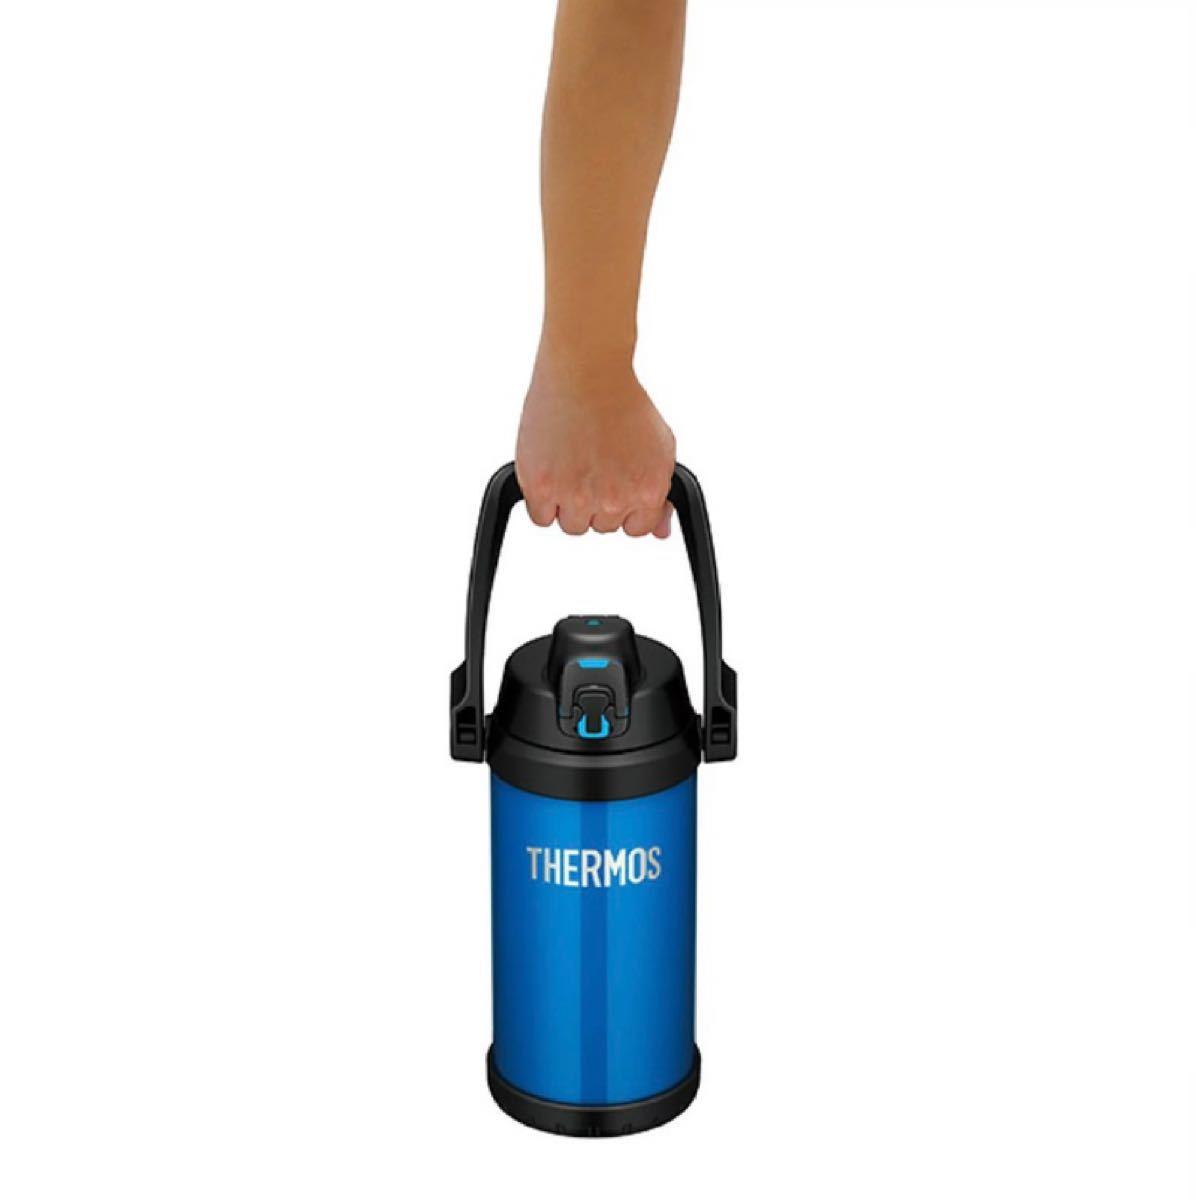 サーモス 水筒 真空断熱スポーツジャグ 2リットル  FFV-2000 ICB アイスブルー 保冷専用 THERMOS